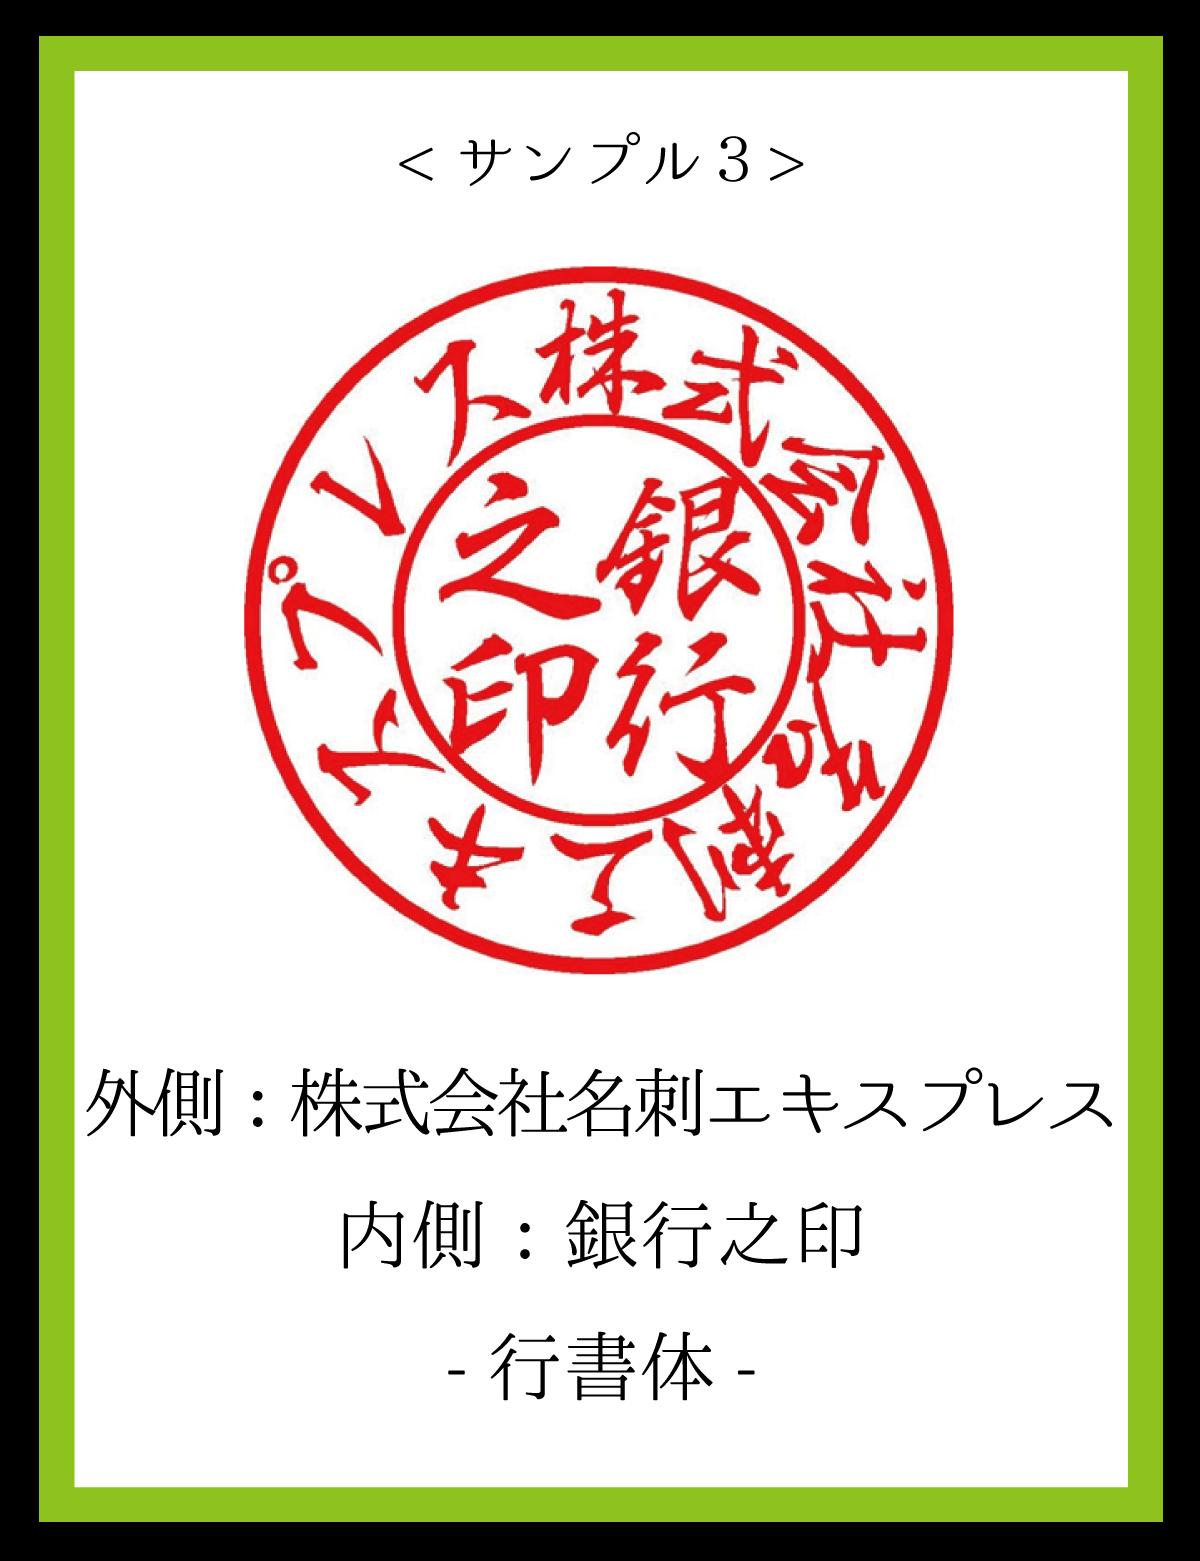 60min-hojin-akane-gin